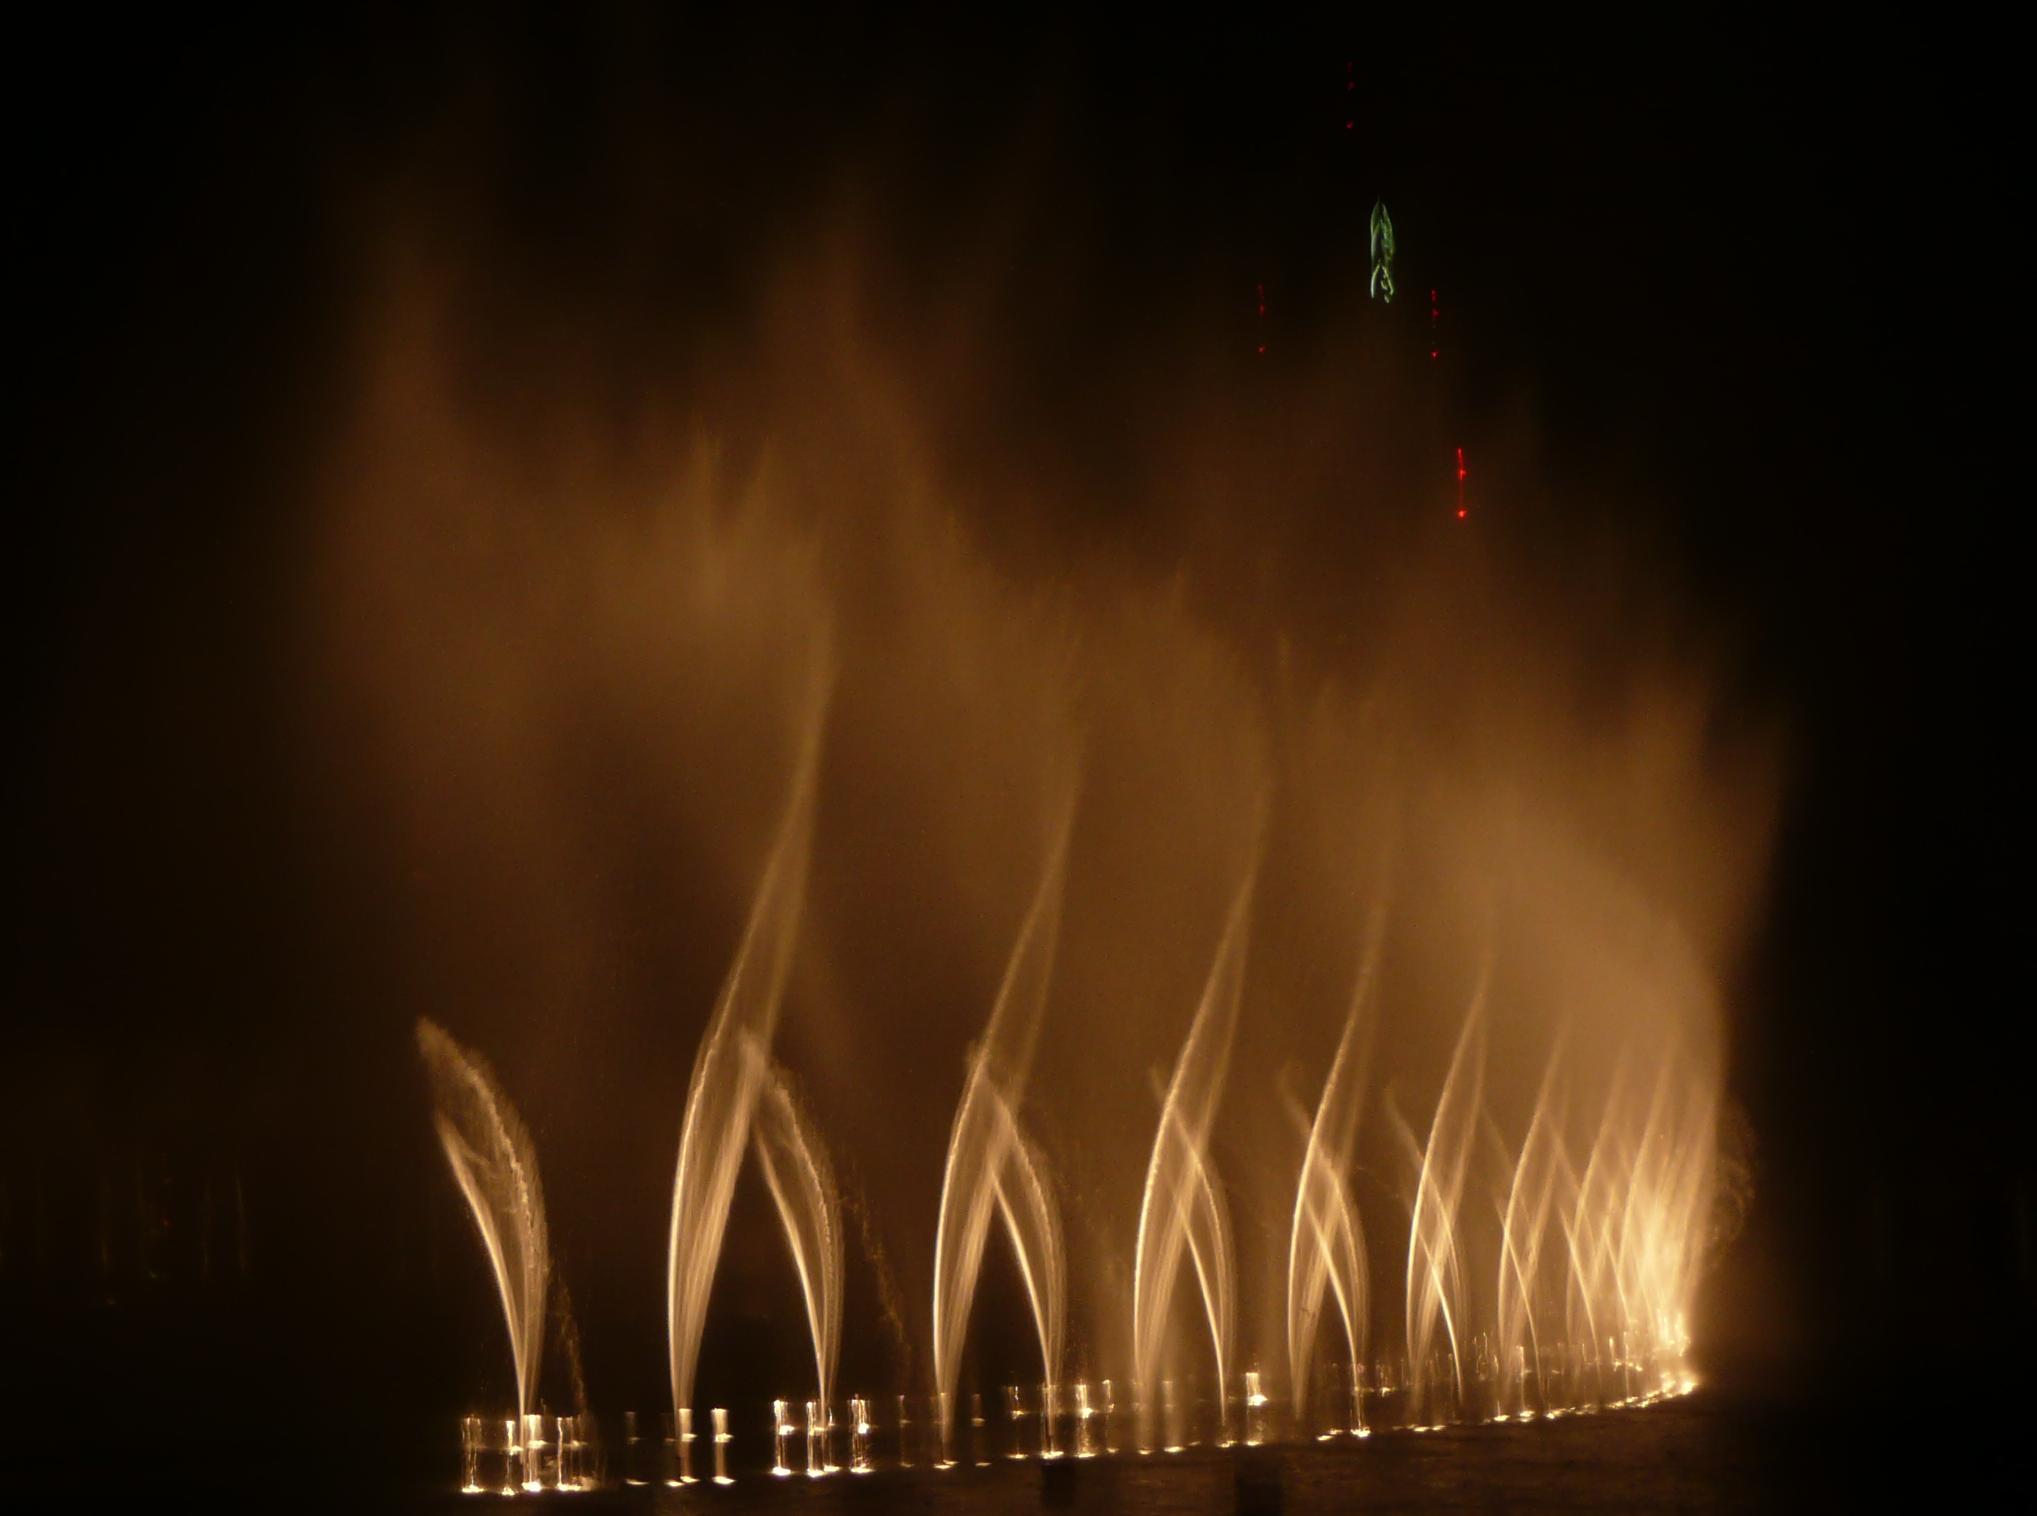 Роліки фонтан сперми 9 фотография